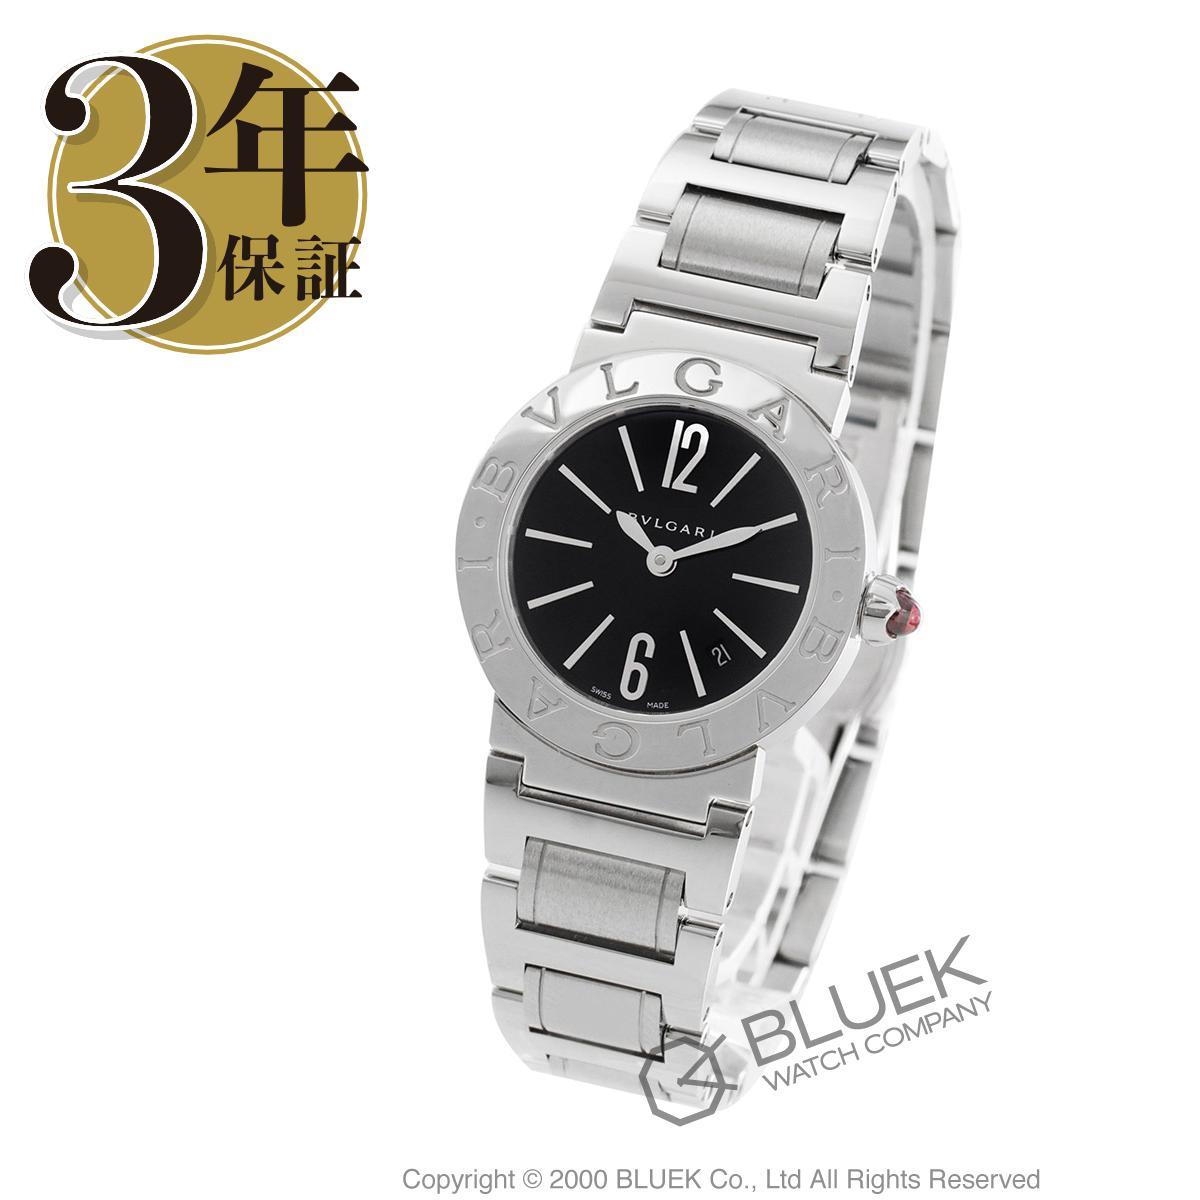 ブルガリ ブルガリブルガリ 腕時計 レディース BVLGARI BBL26BSSD_8